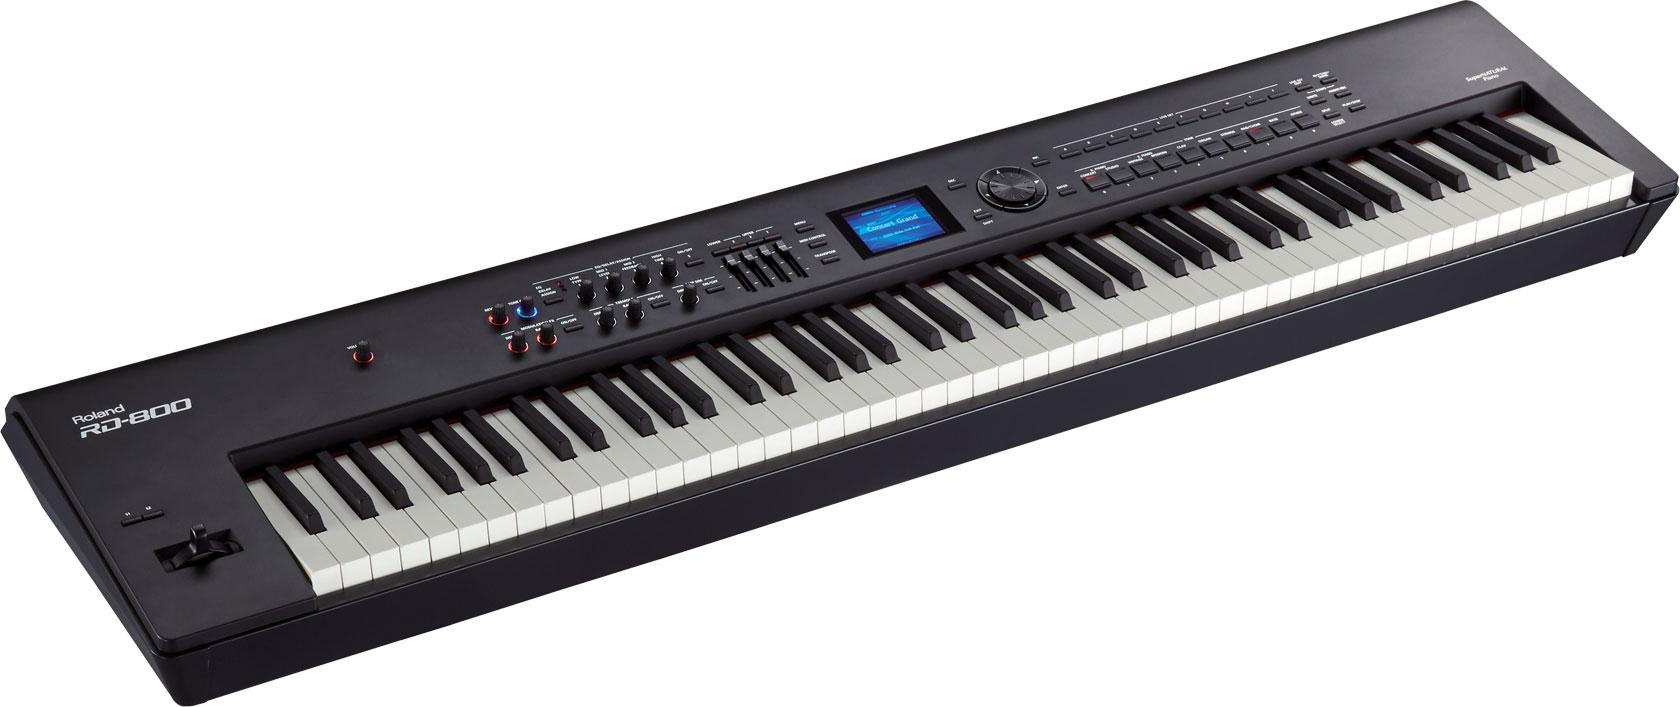 罗兰 Roland RD800 舞台电钢琴